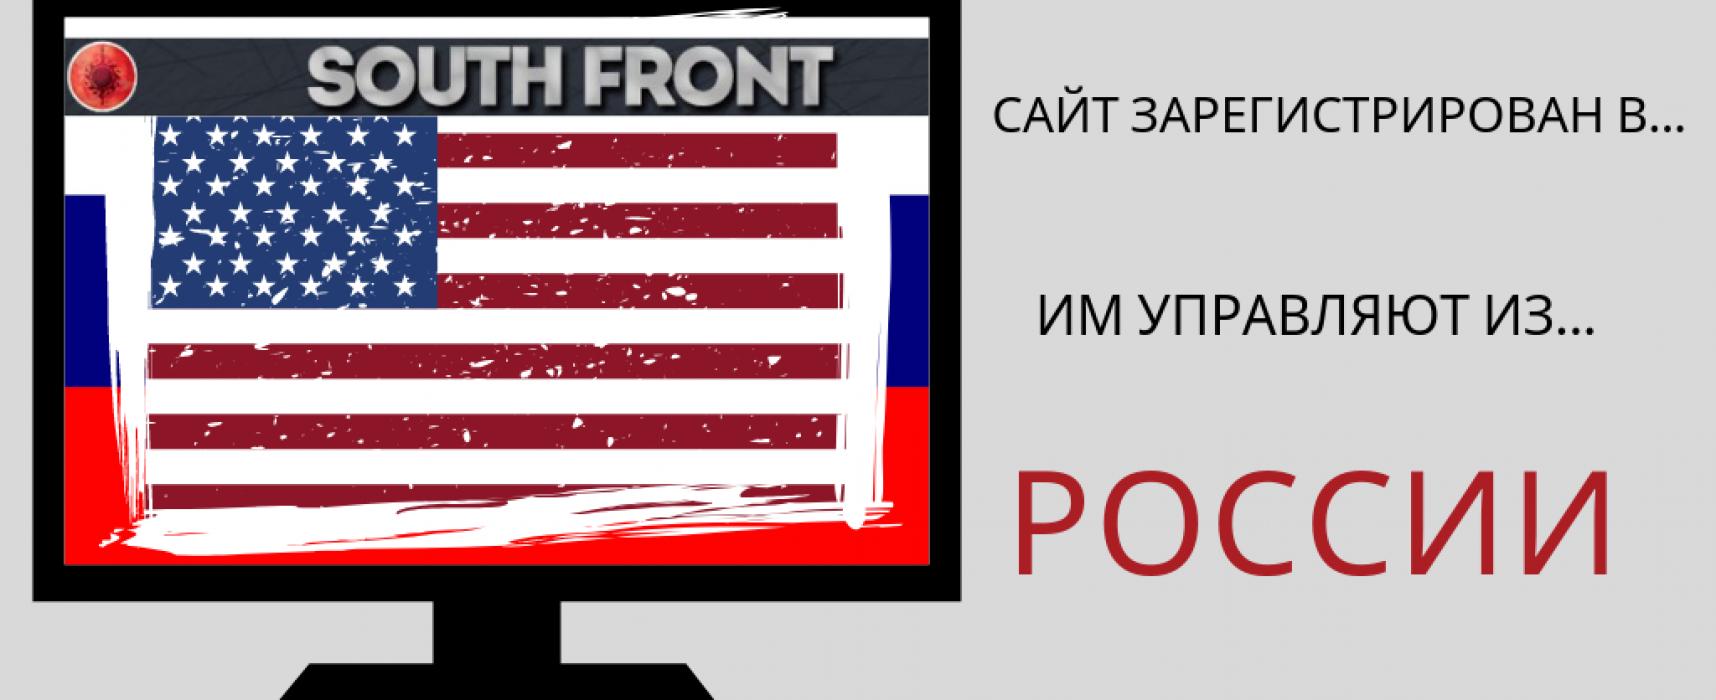 South Front приховує своє російське походження